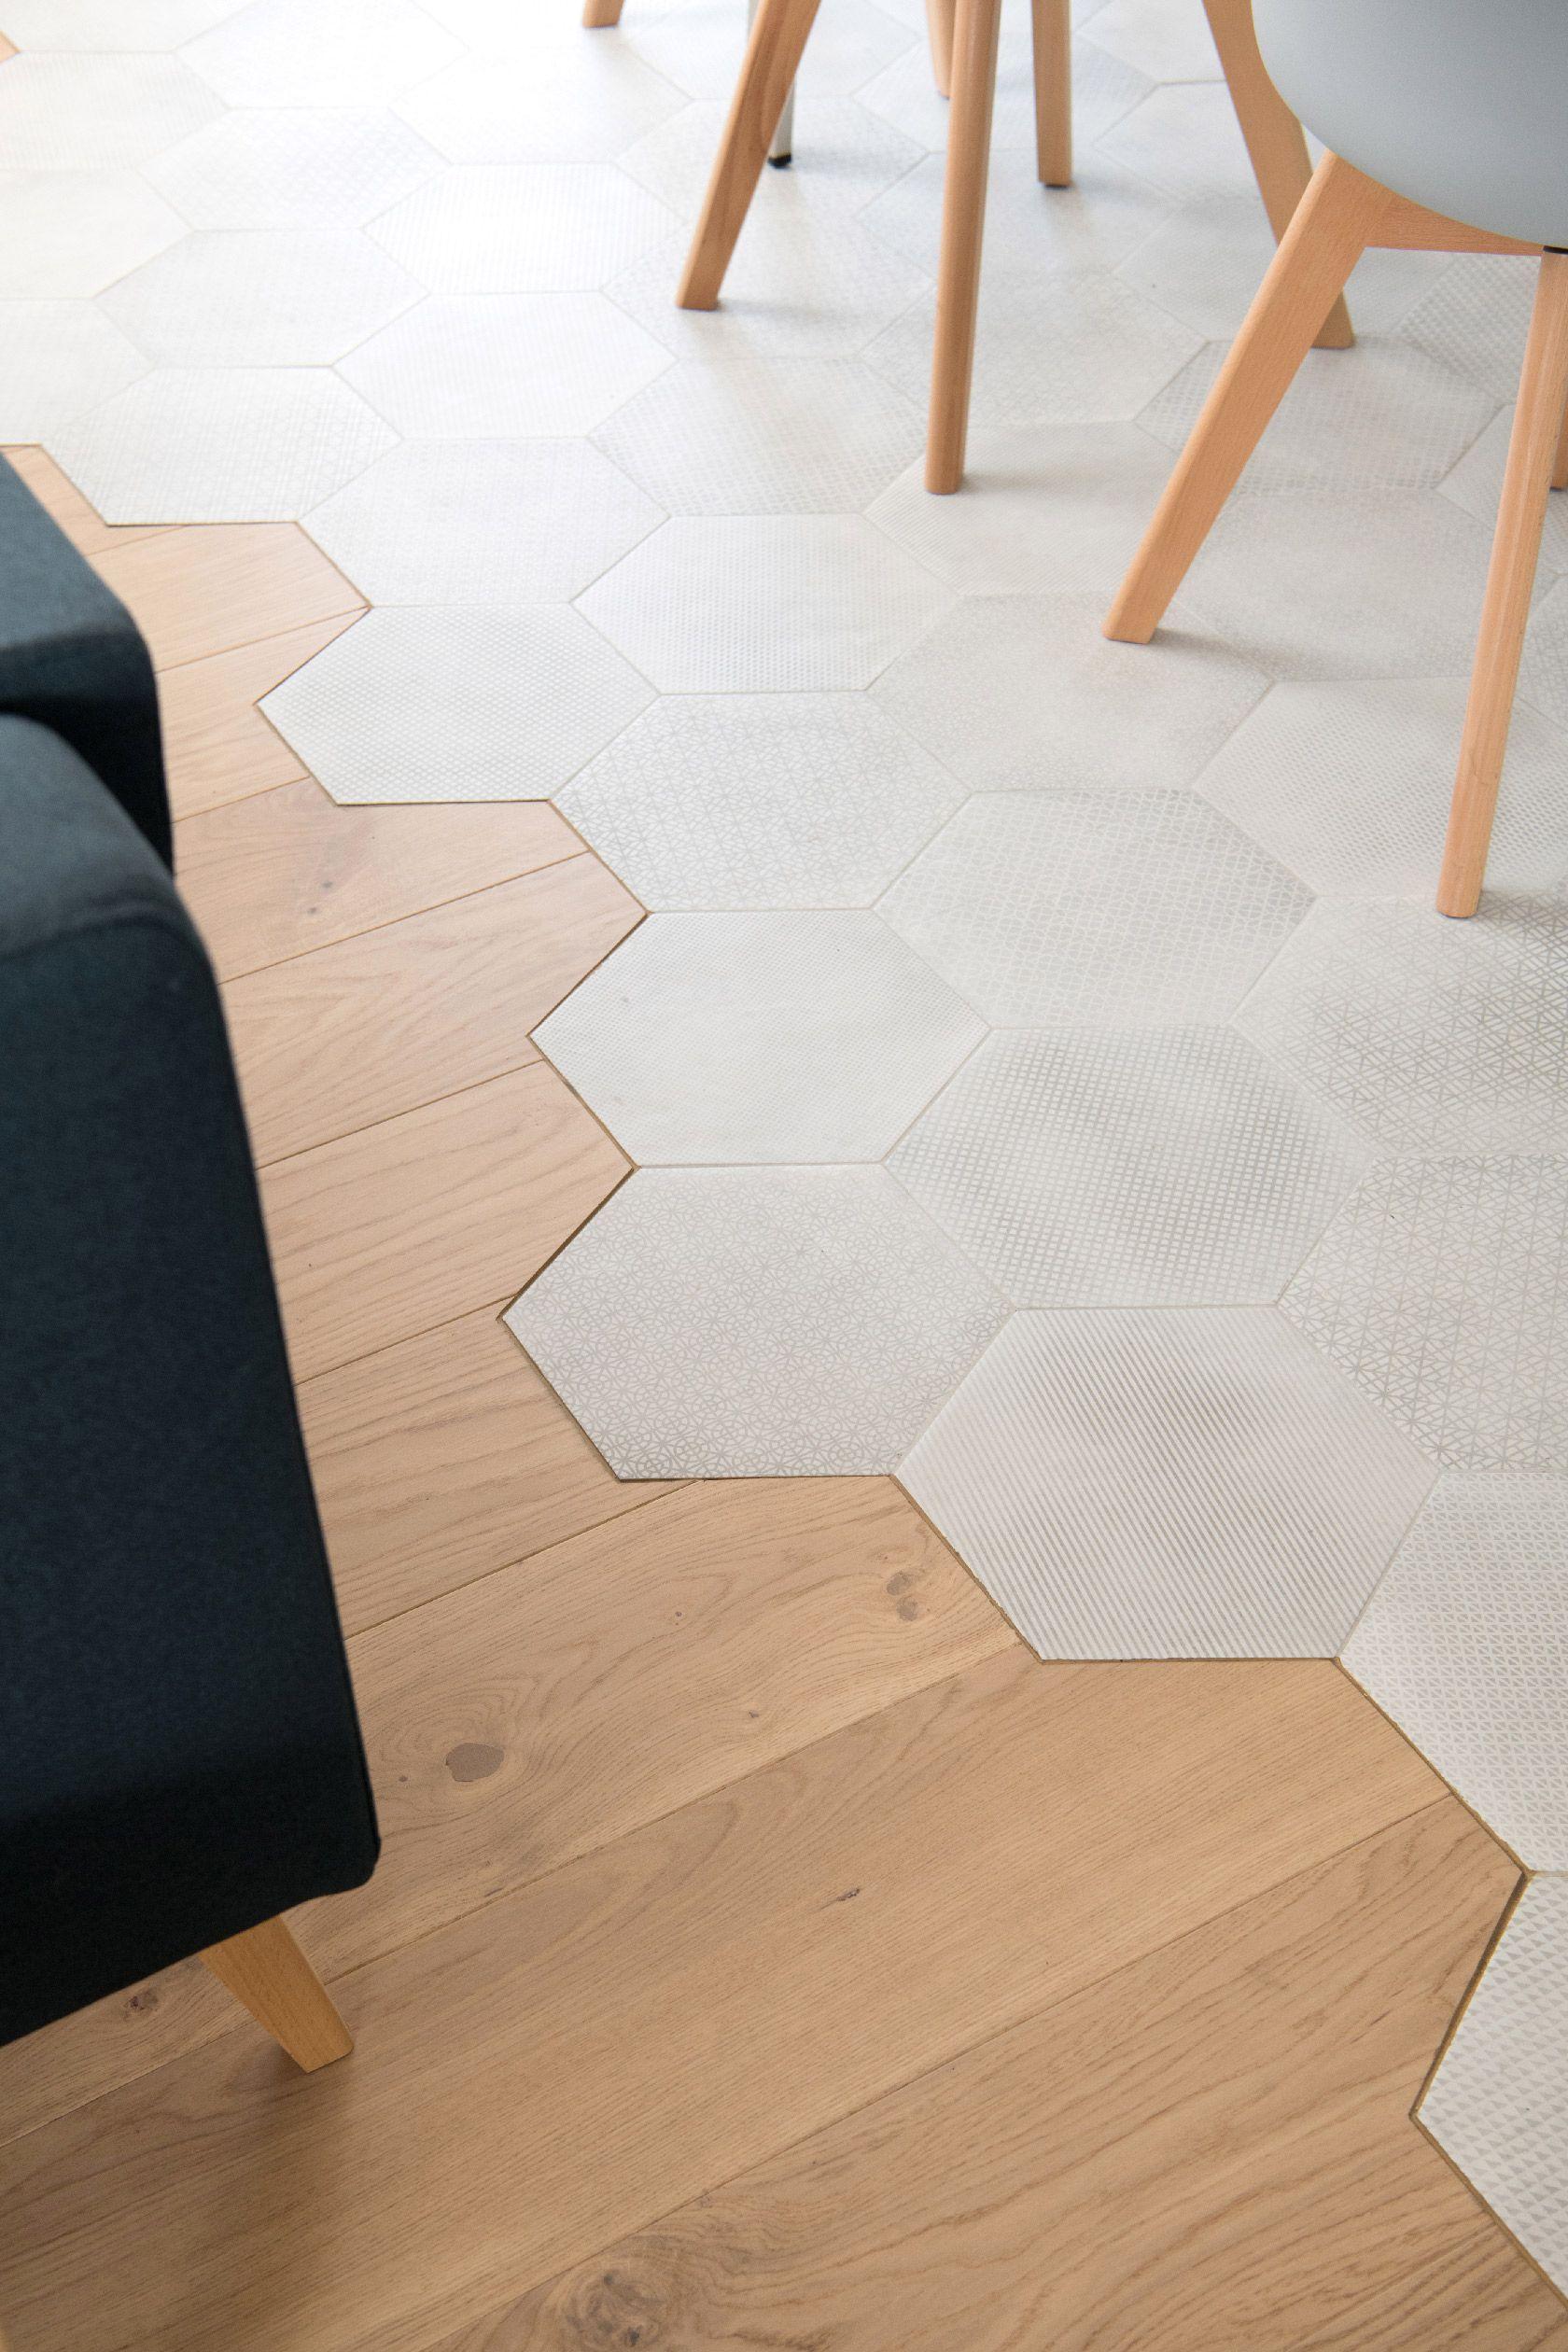 Decoupe Parquet Et Carrelage Effet Carreaux De Ciment Hexagonal Deco Carrelage Parquet Cuisine Idee Deco Maison